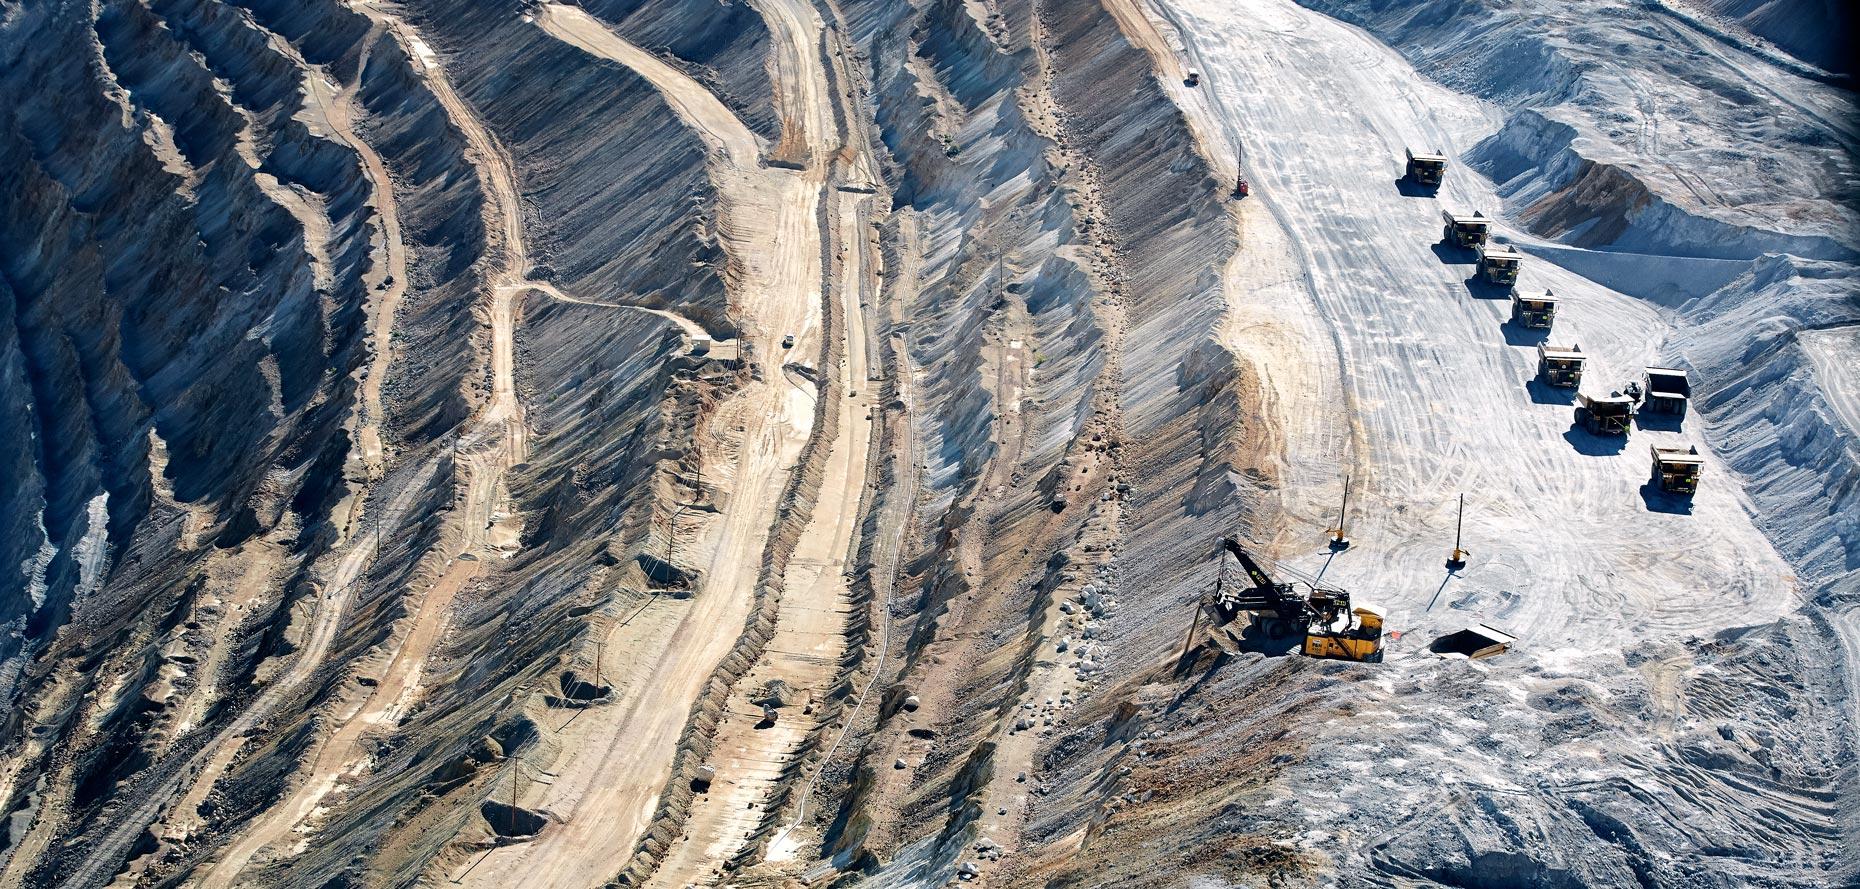 Travel Photography Derek Israelsen 018 Copper Mine Trucks